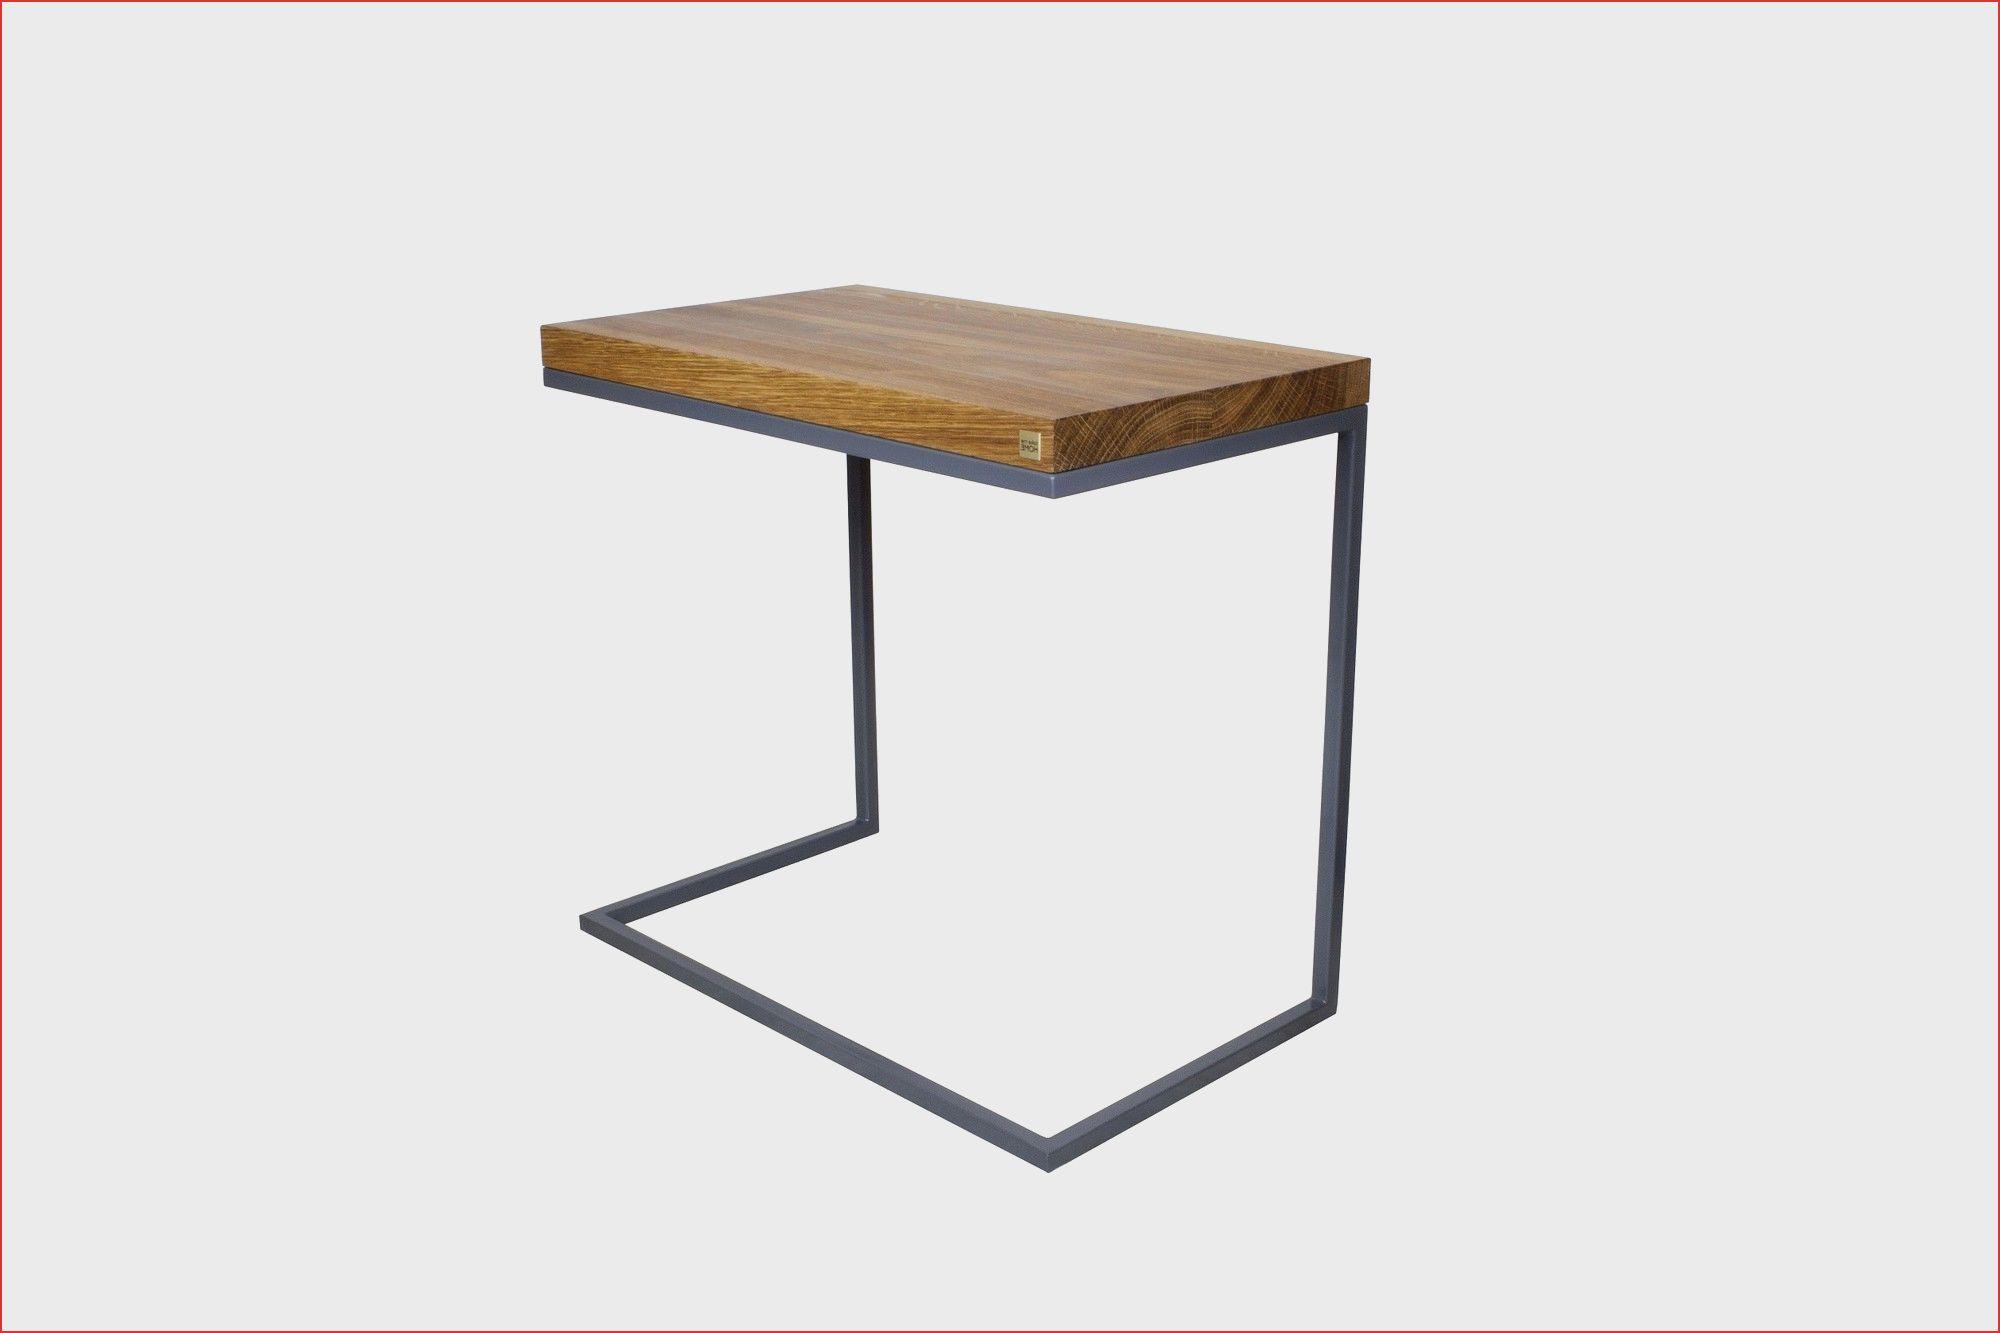 3er Set Beistelltische Von Zuiver Beistelltische Diy Beistelltisch Tisch